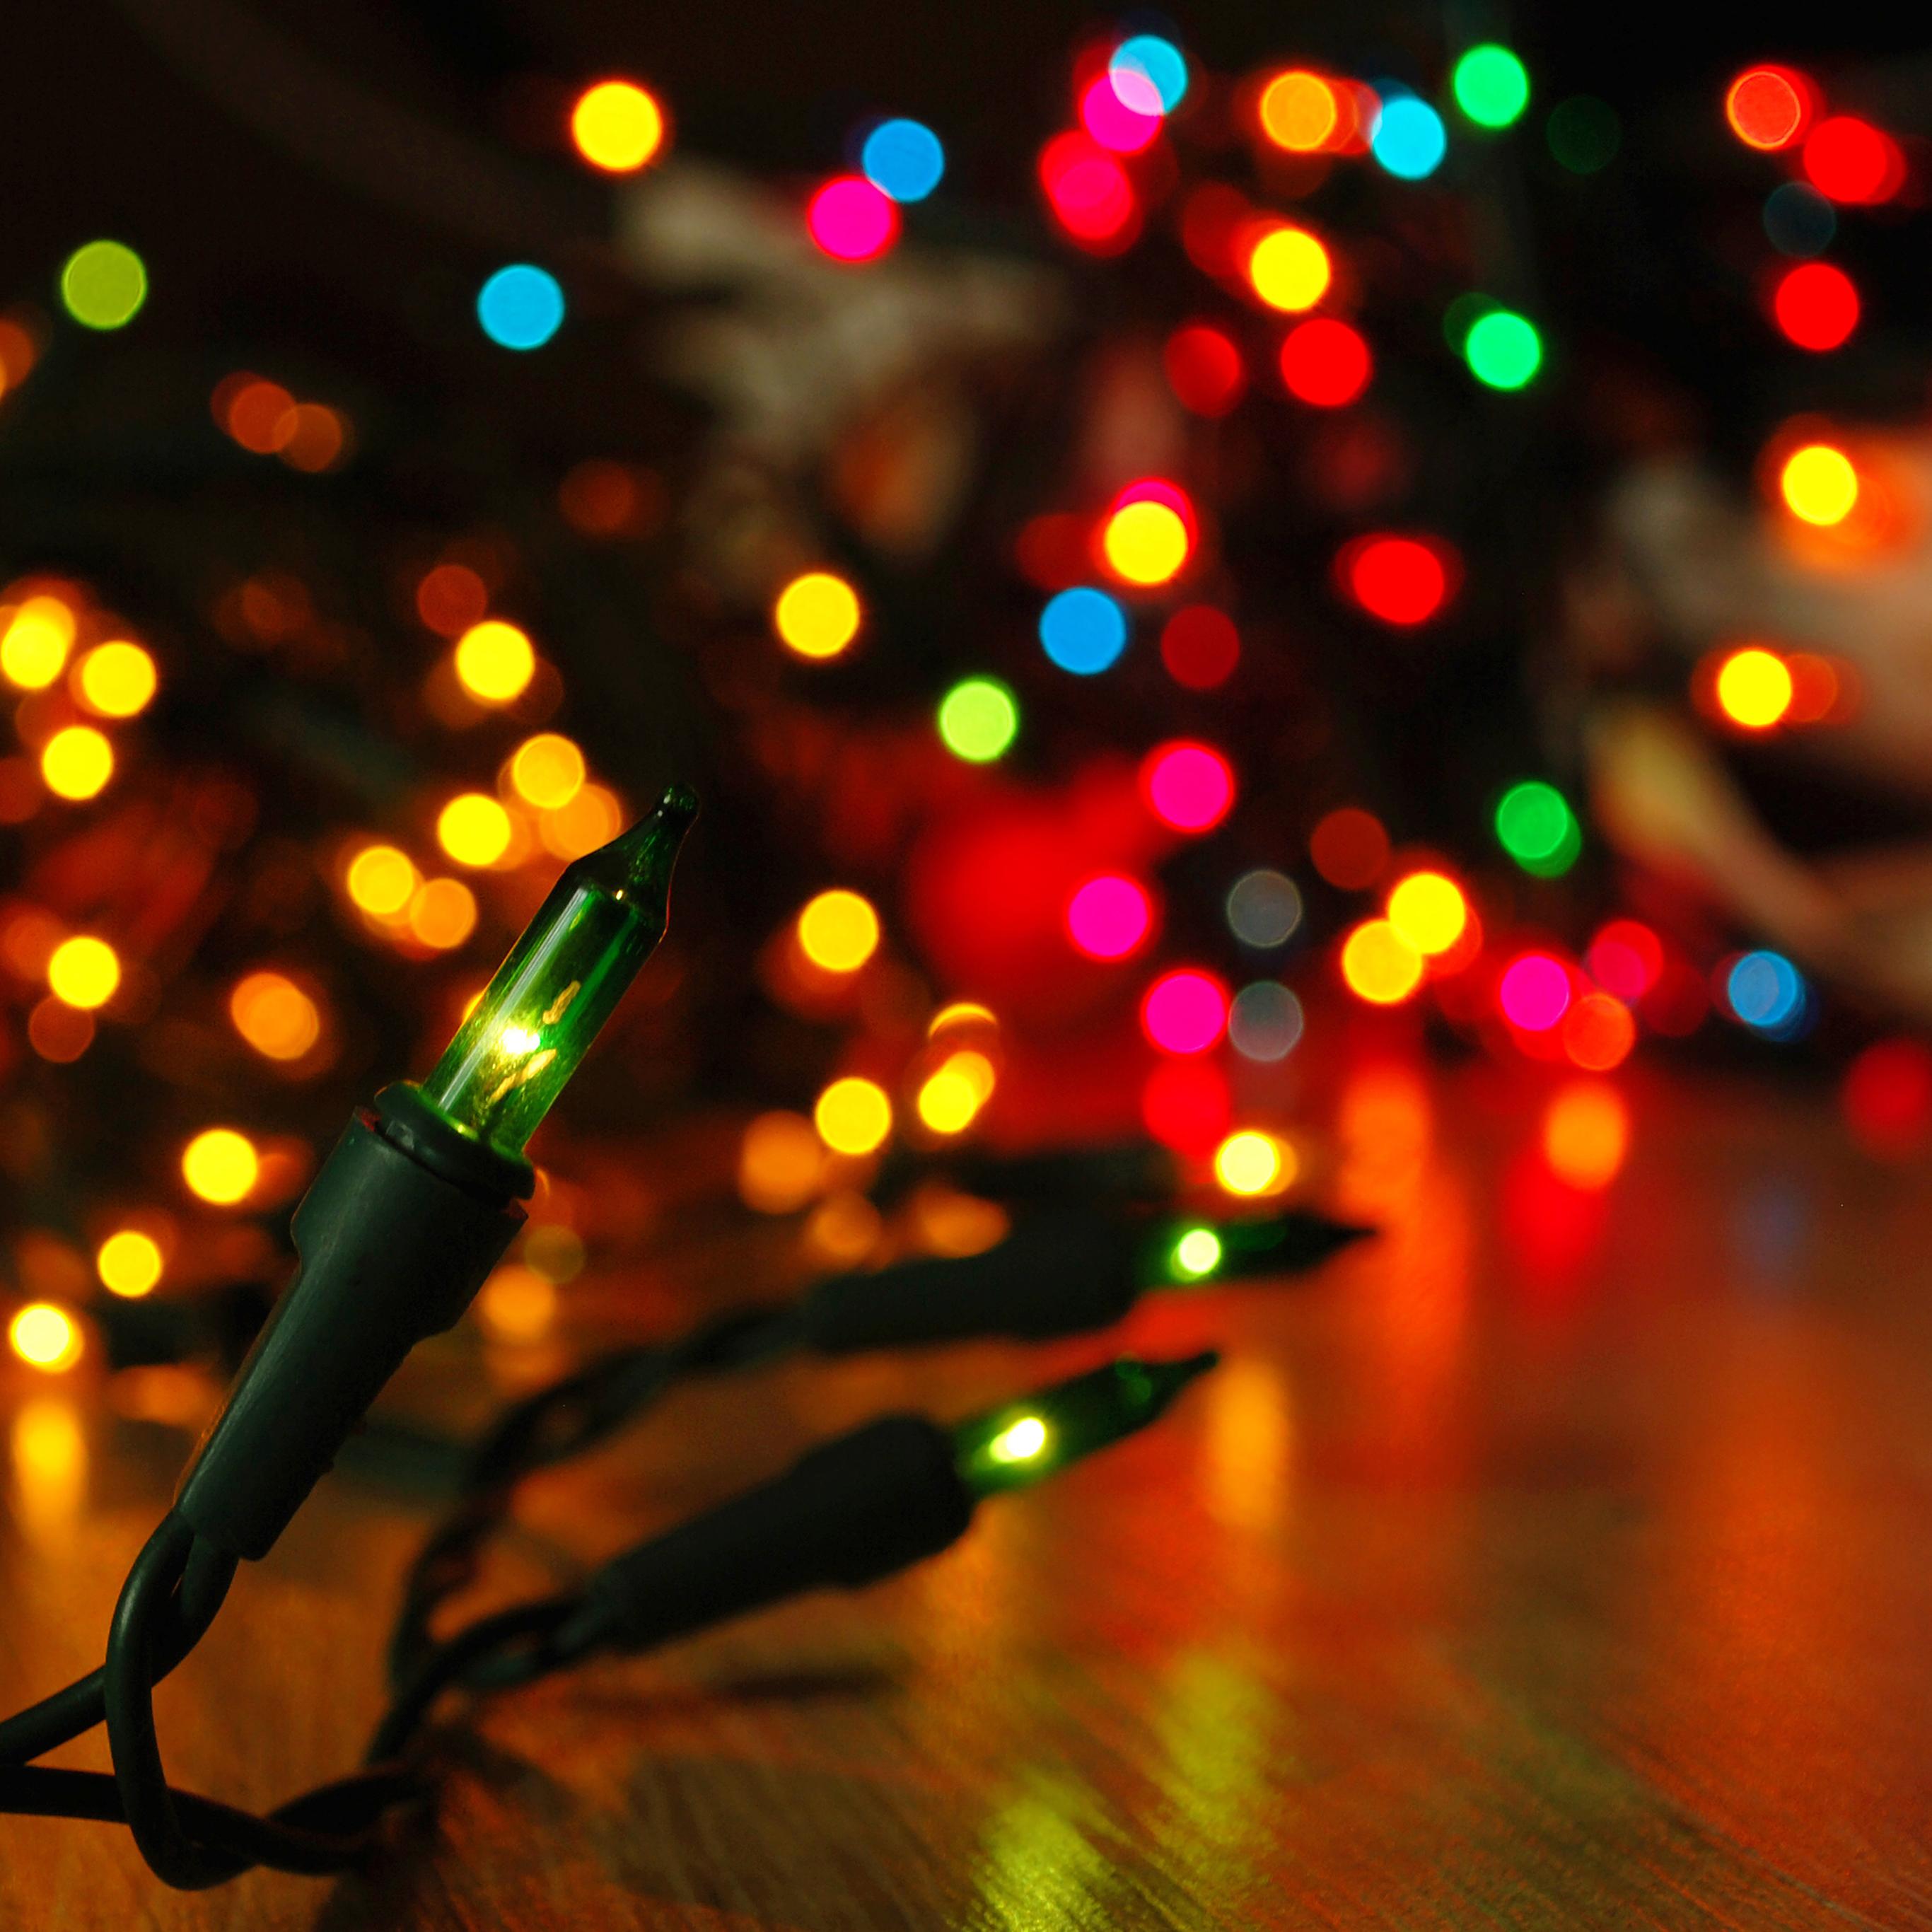 Mj85 Christmas Lights Holiday Bokeh Papers Co